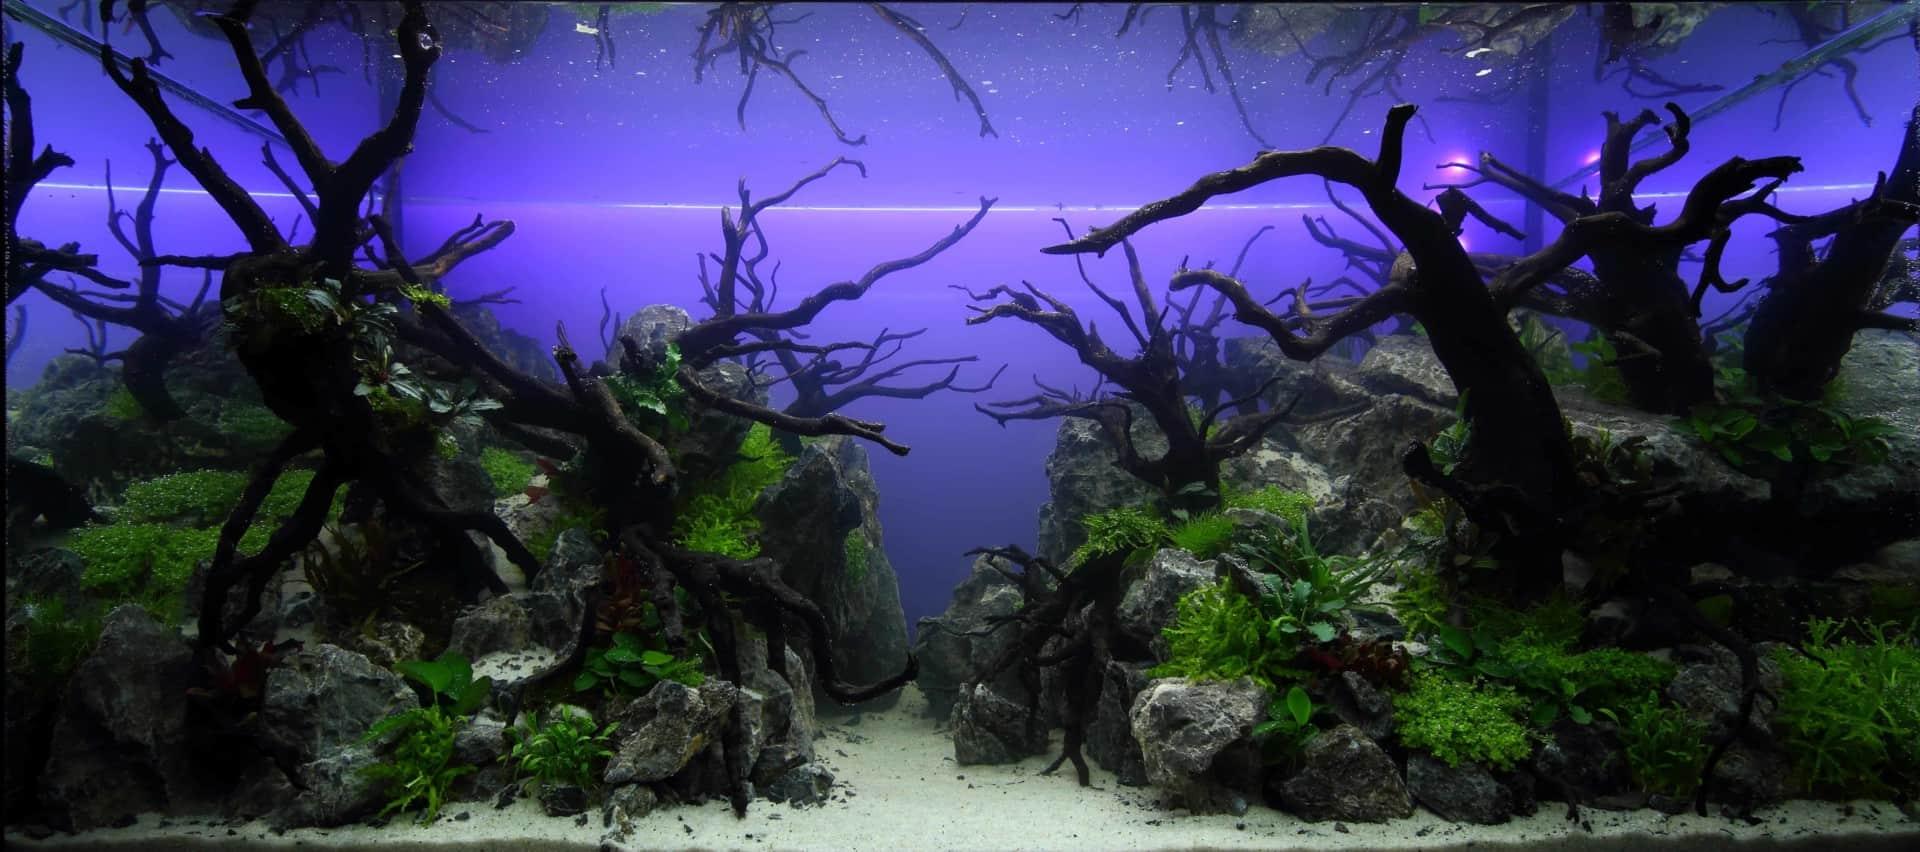 191 - The Art of the Planted Aquarium - Neuheiten und Möglichkeiten zum Mitmachen im April 2019 (Stefanie Hesse) 38